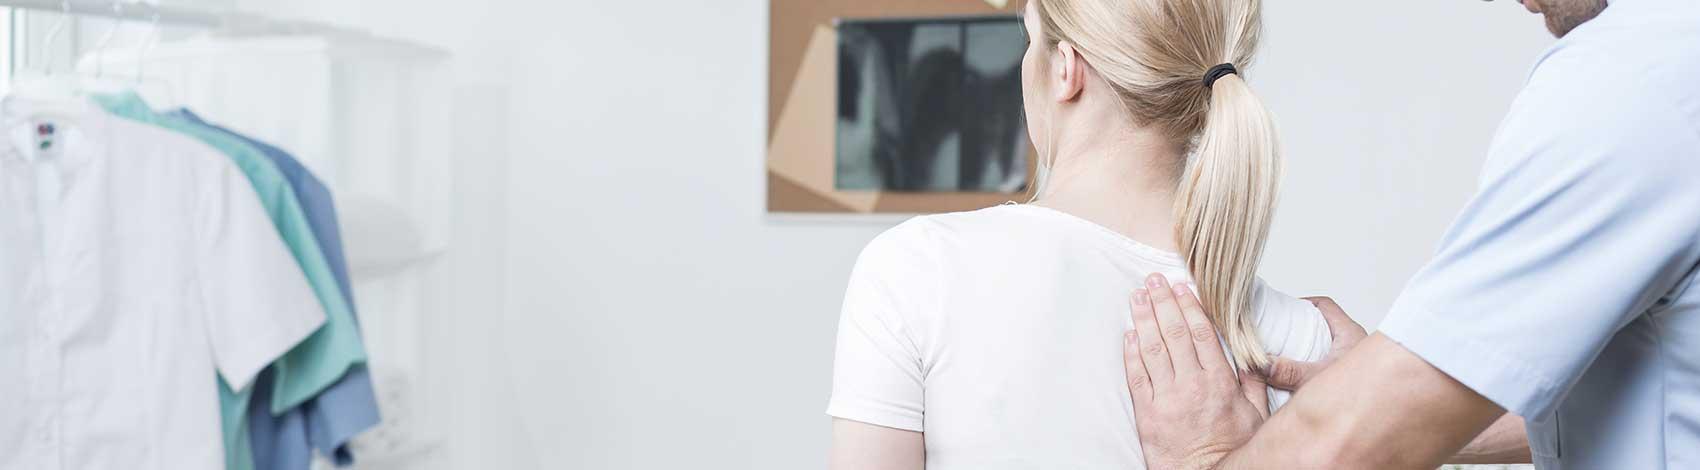 Physiotherapie Bad Füssing | Massagen